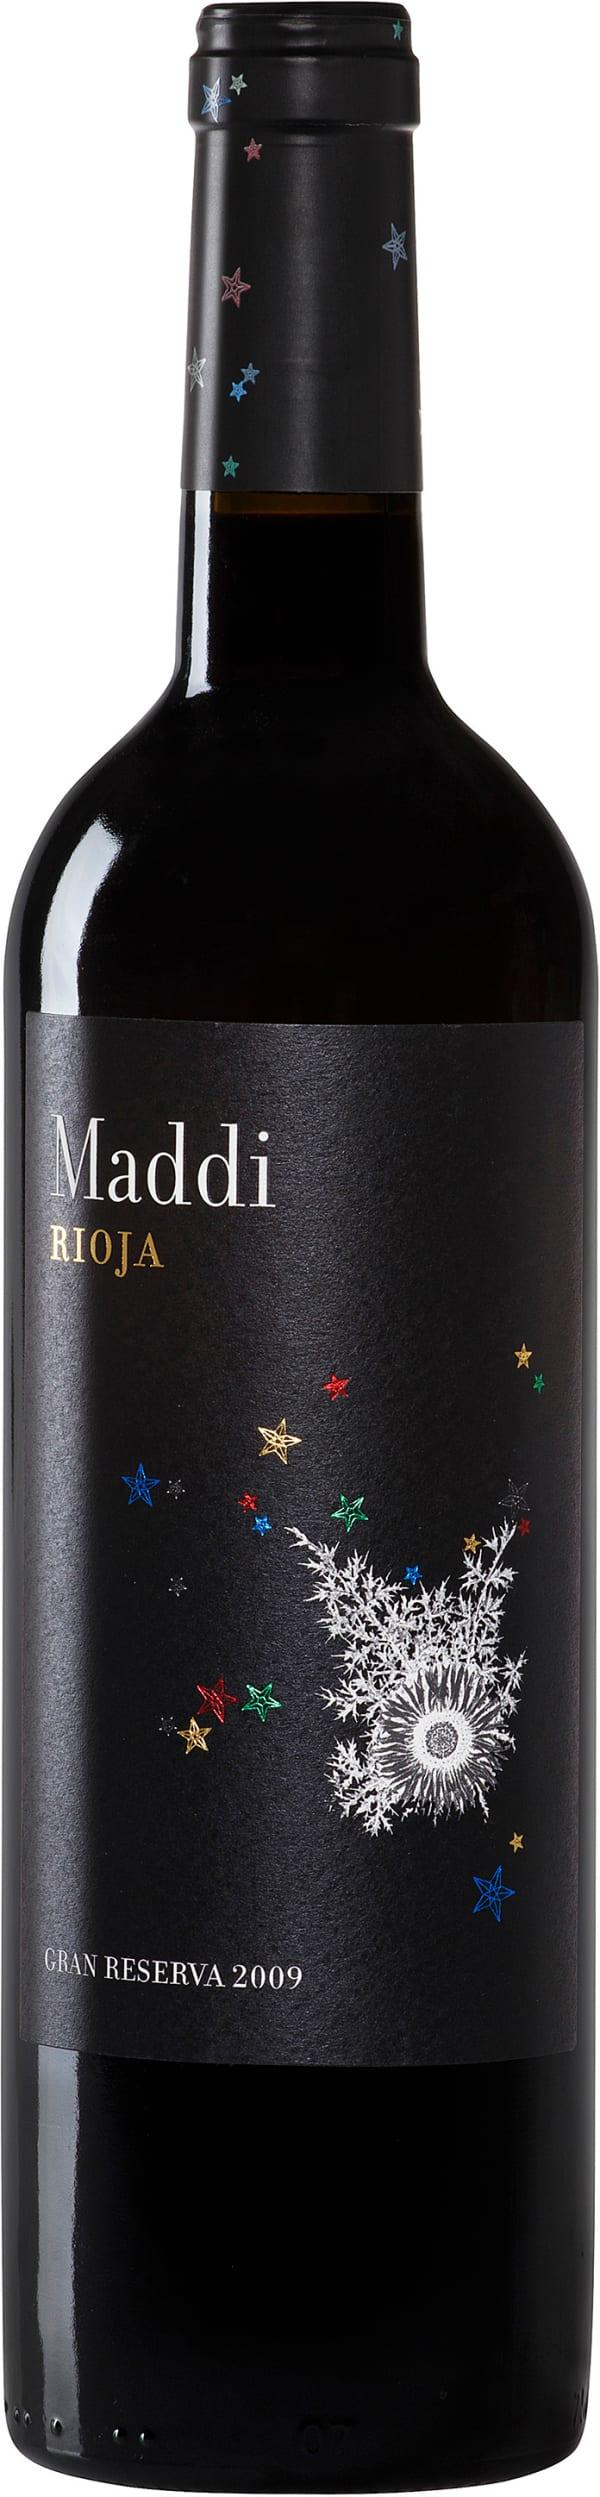 Maddi Gran Reserva 2009